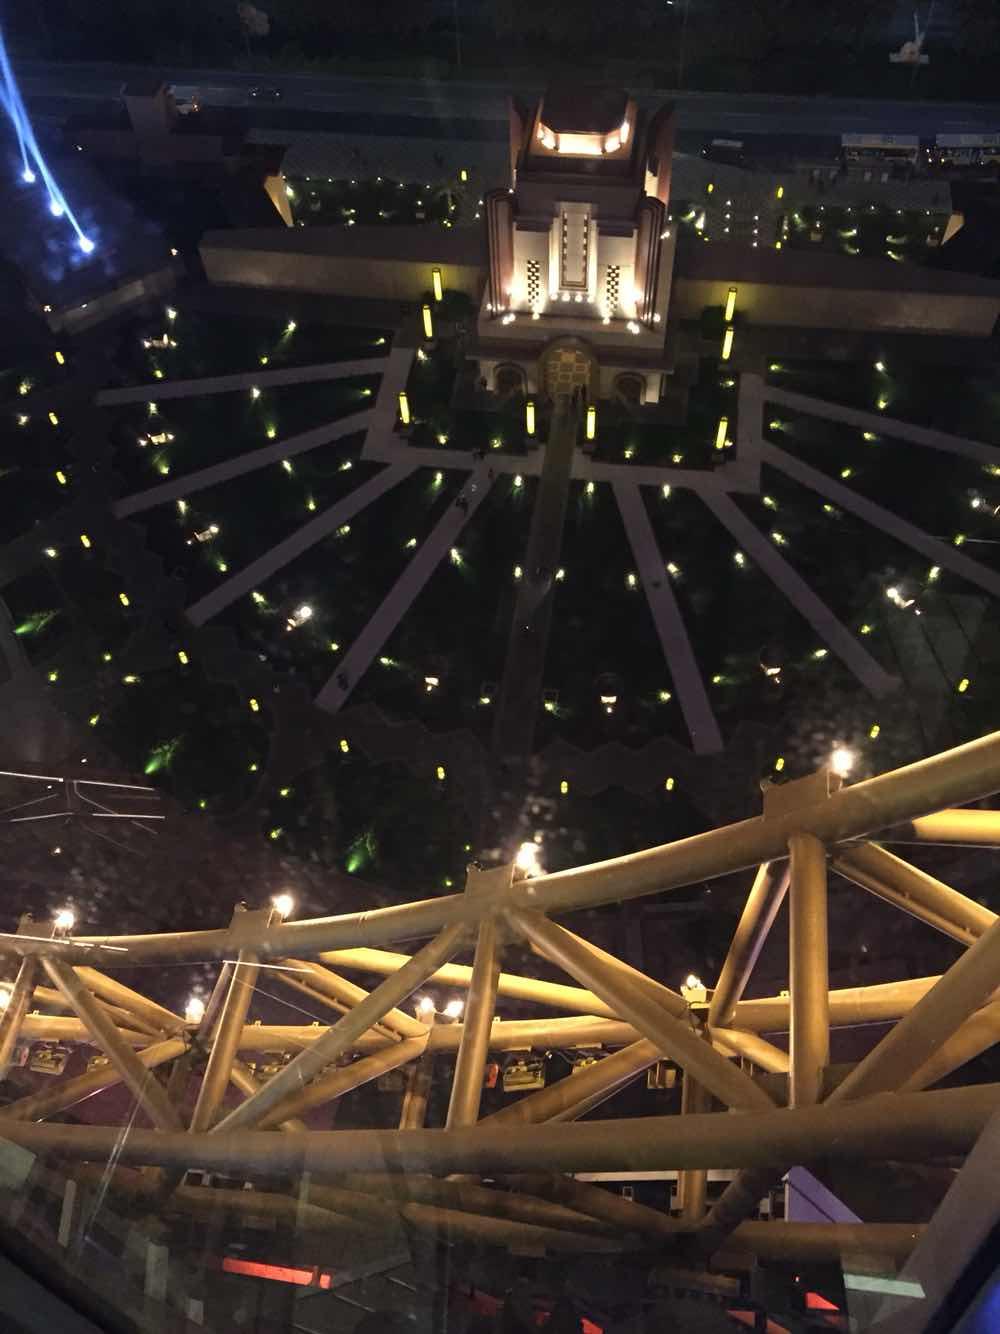 澳门新濠影汇 新濠影汇之星摩天轮门票新濠影汇综艺馆全球最高摩天轮,在高处凝望世界 驴妈妈点评